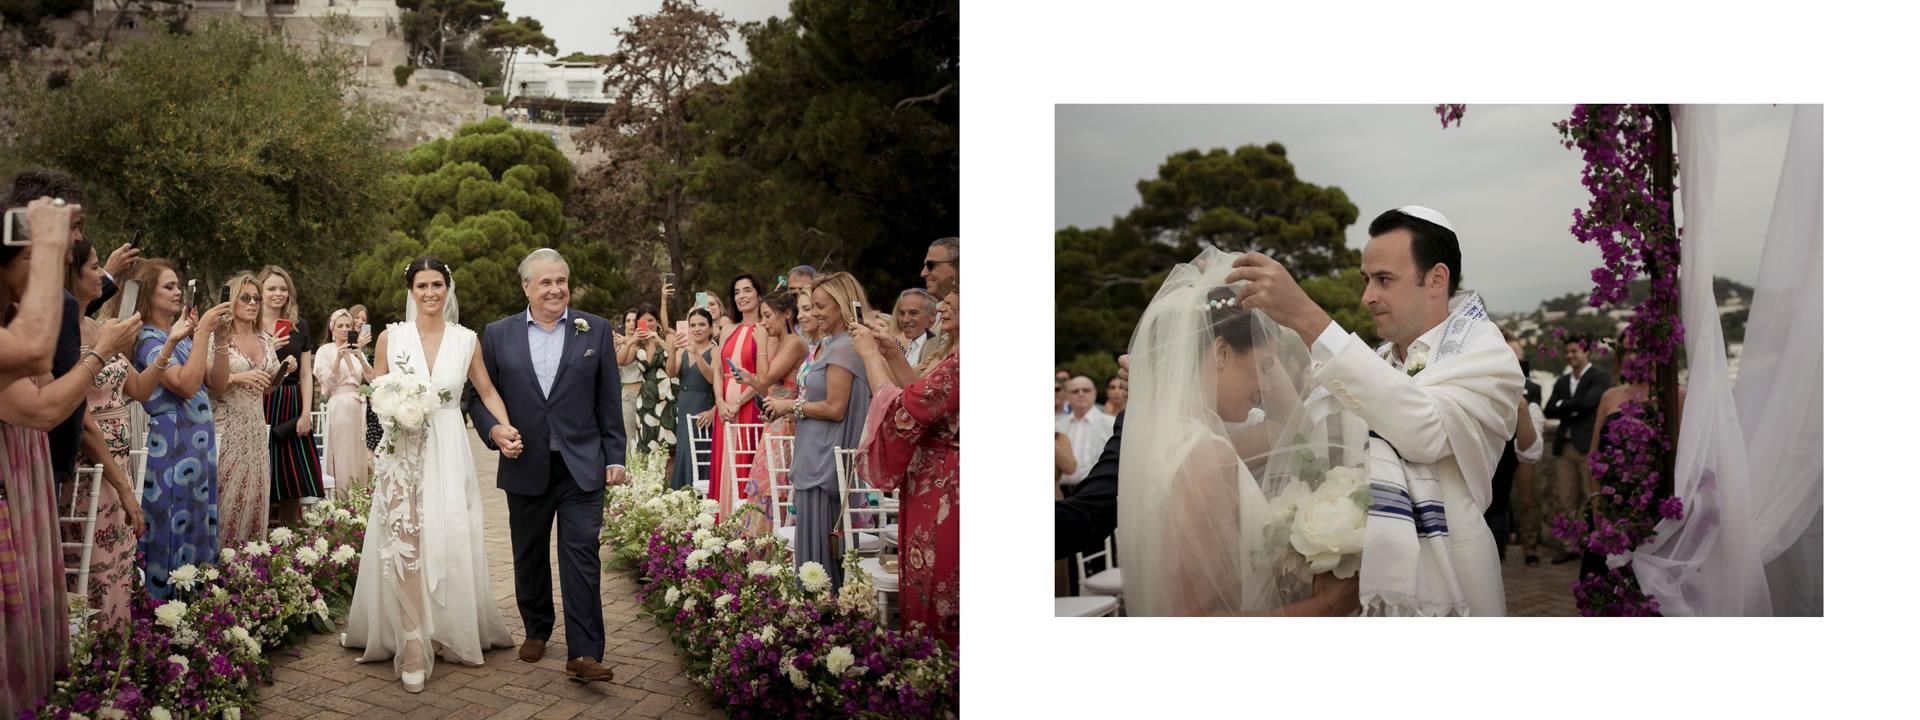 - 32 :: Jewish luxury wedding weekend in Capri :: Luxury wedding photography - 31 ::  - 32